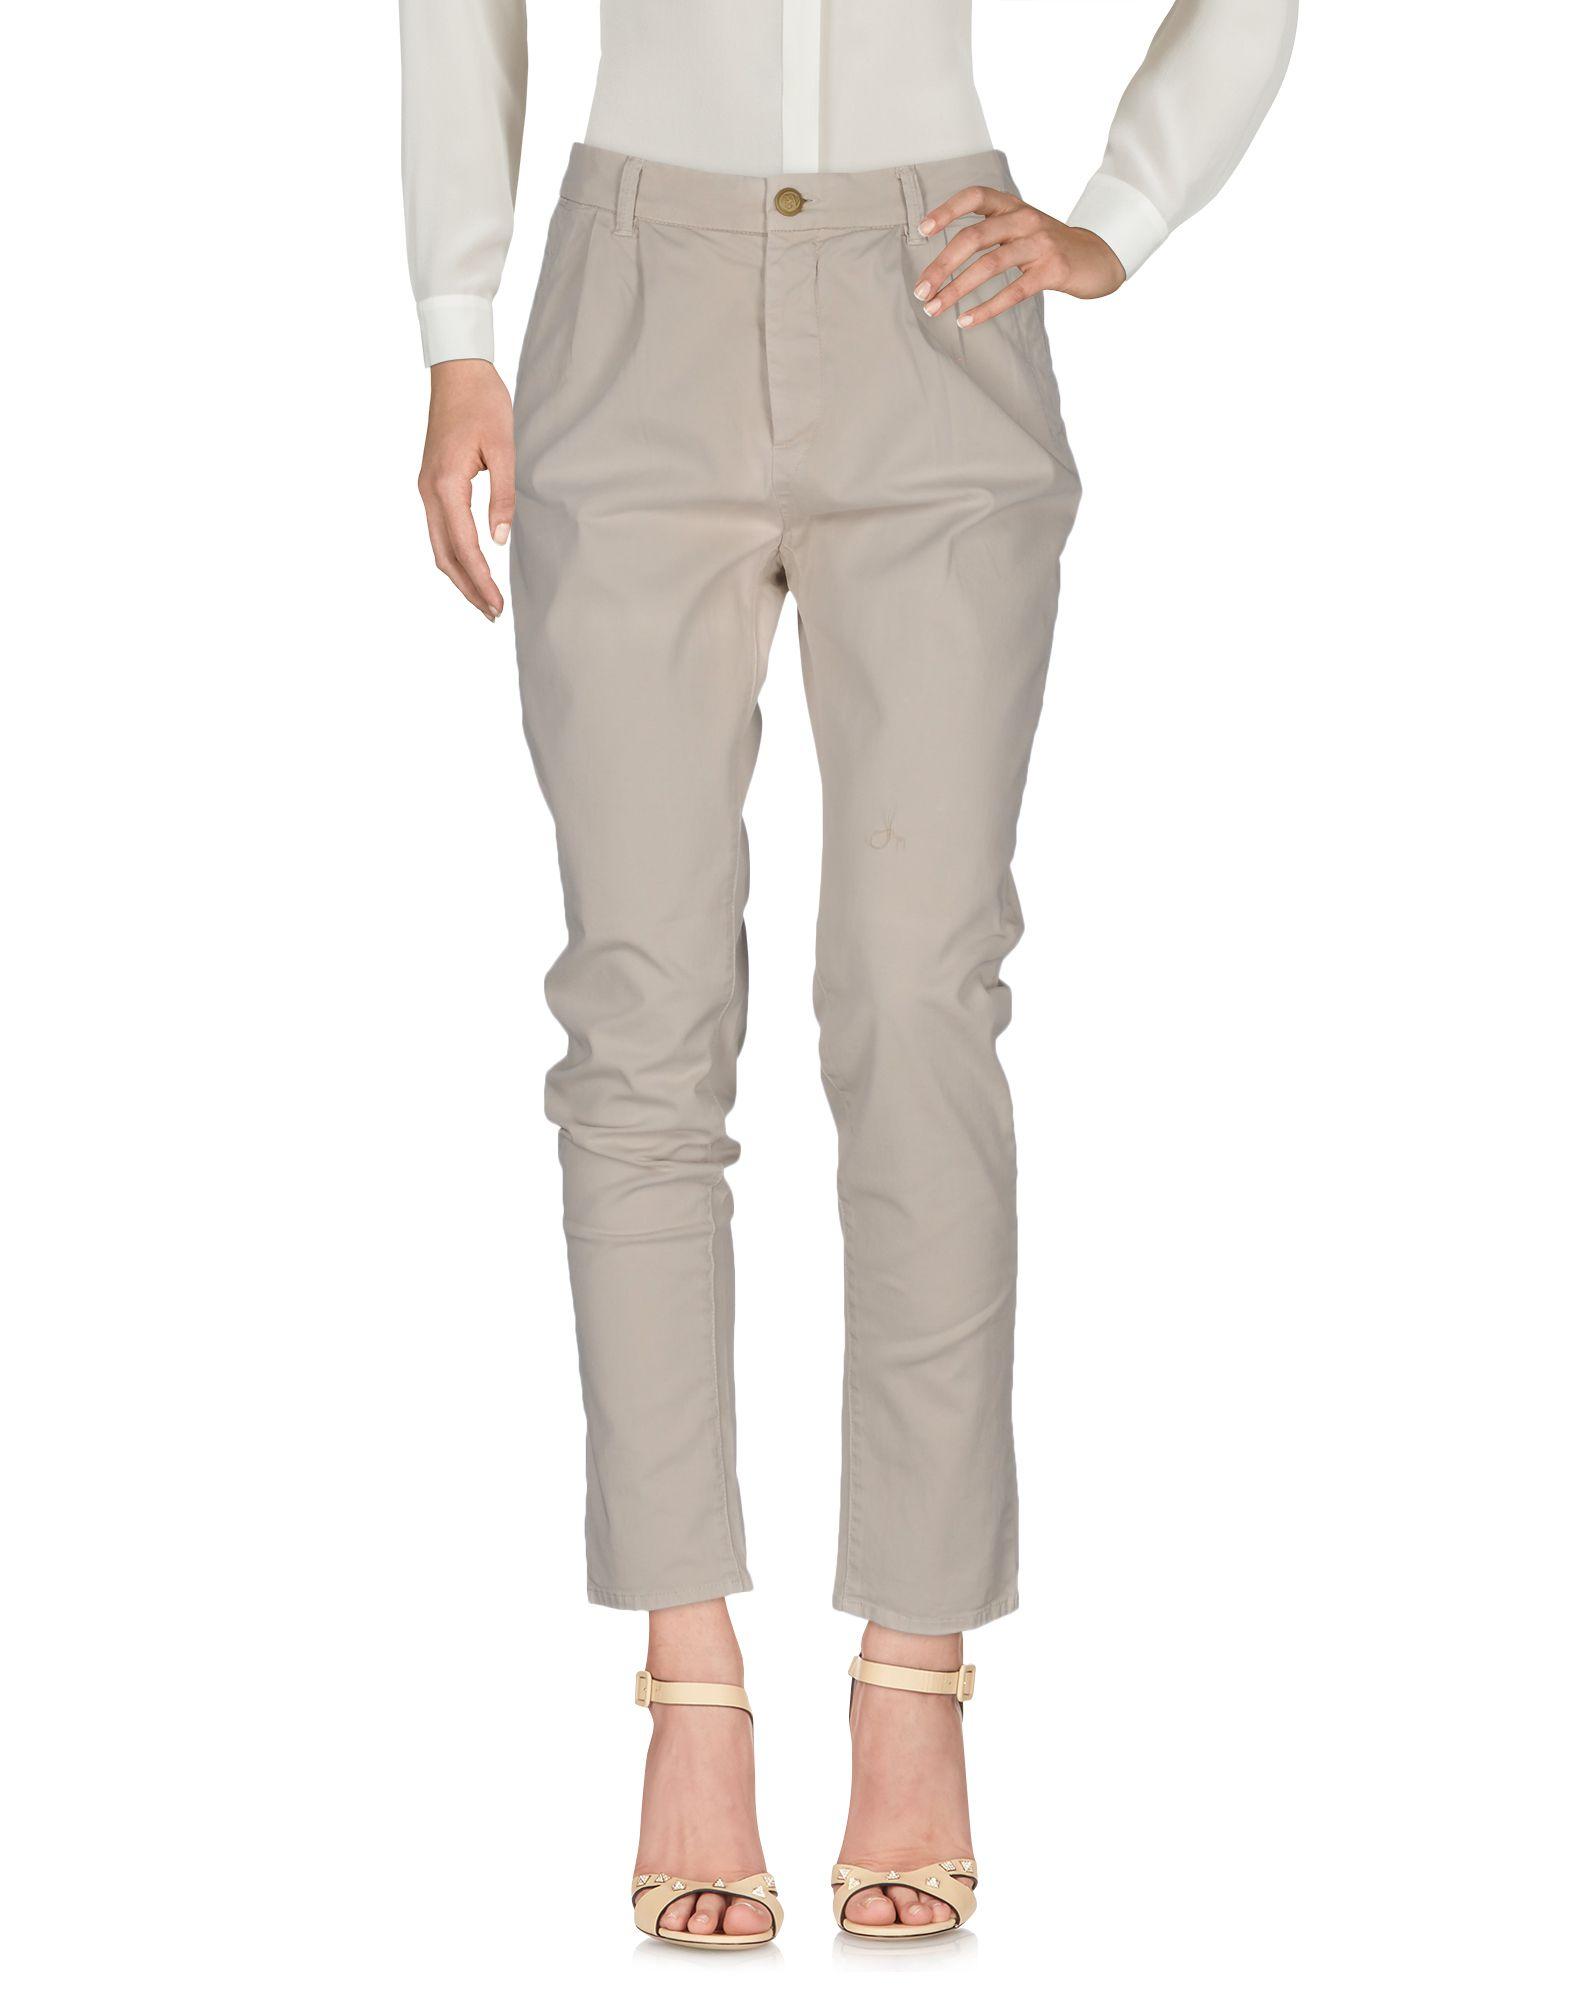 MONOCROM Повседневные брюки брюки для беременных topshop 4 22